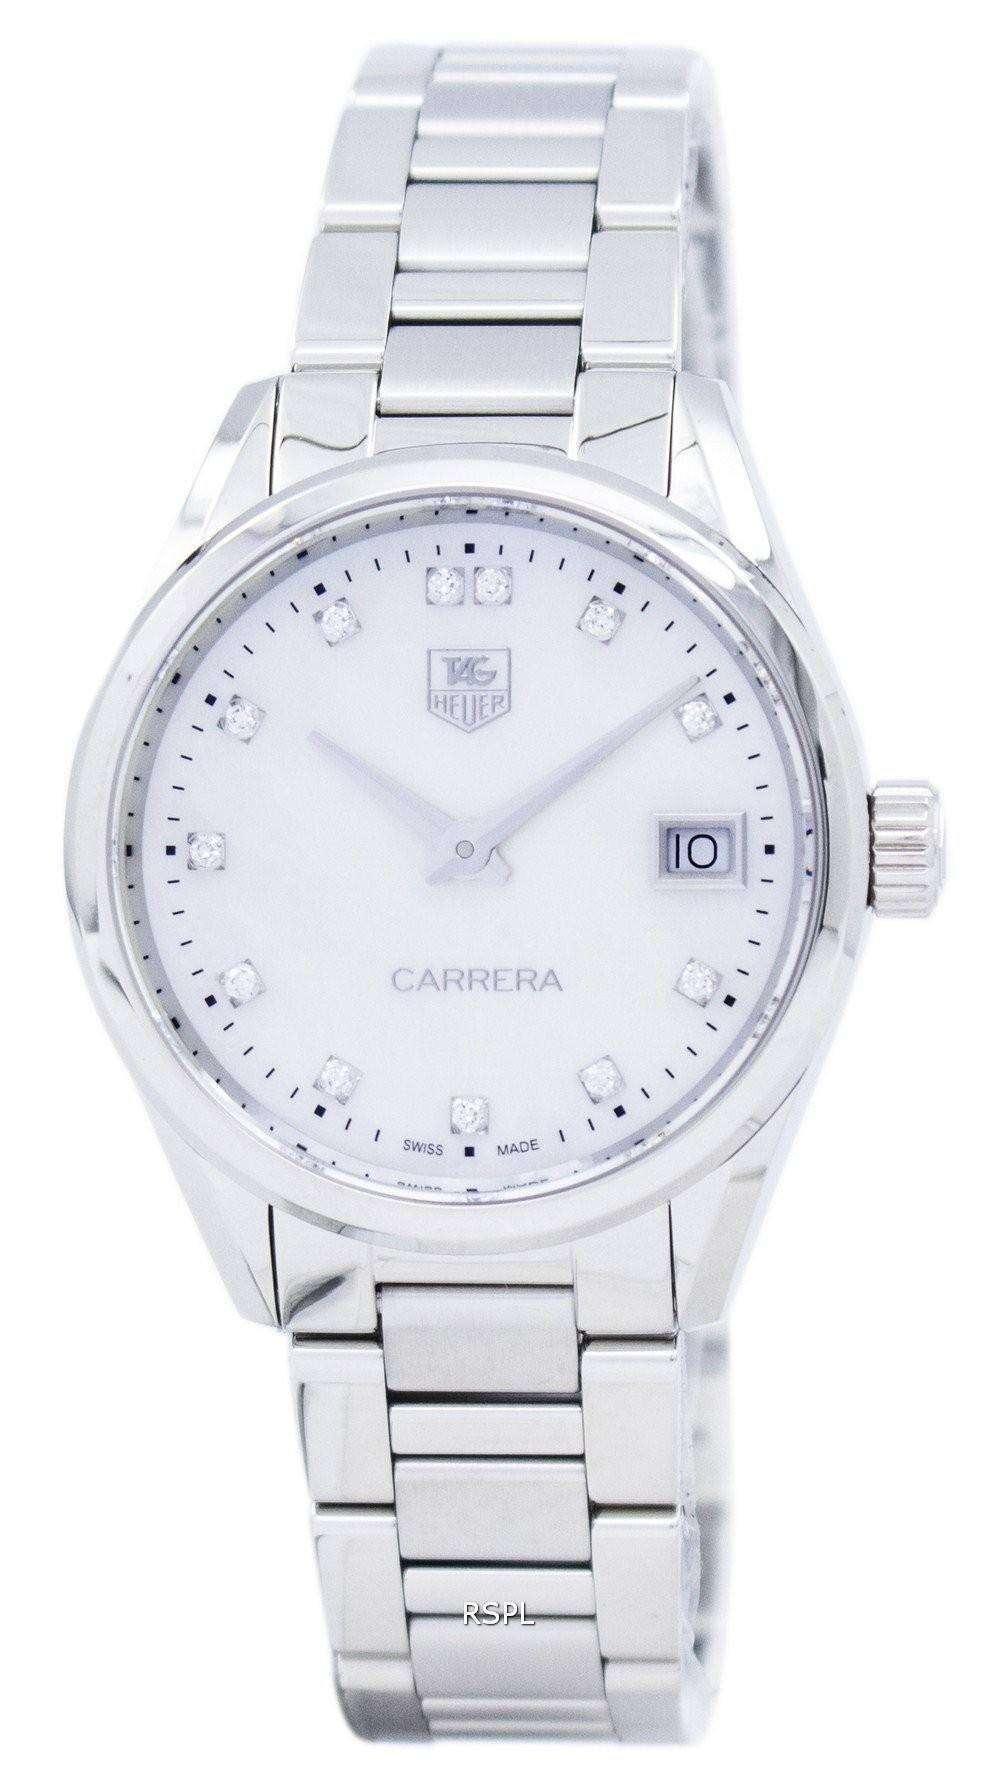 タグ ・ ホイヤー カレラ水晶ダイヤモンド アクセント WAR1314。BA0778 レディース腕時計